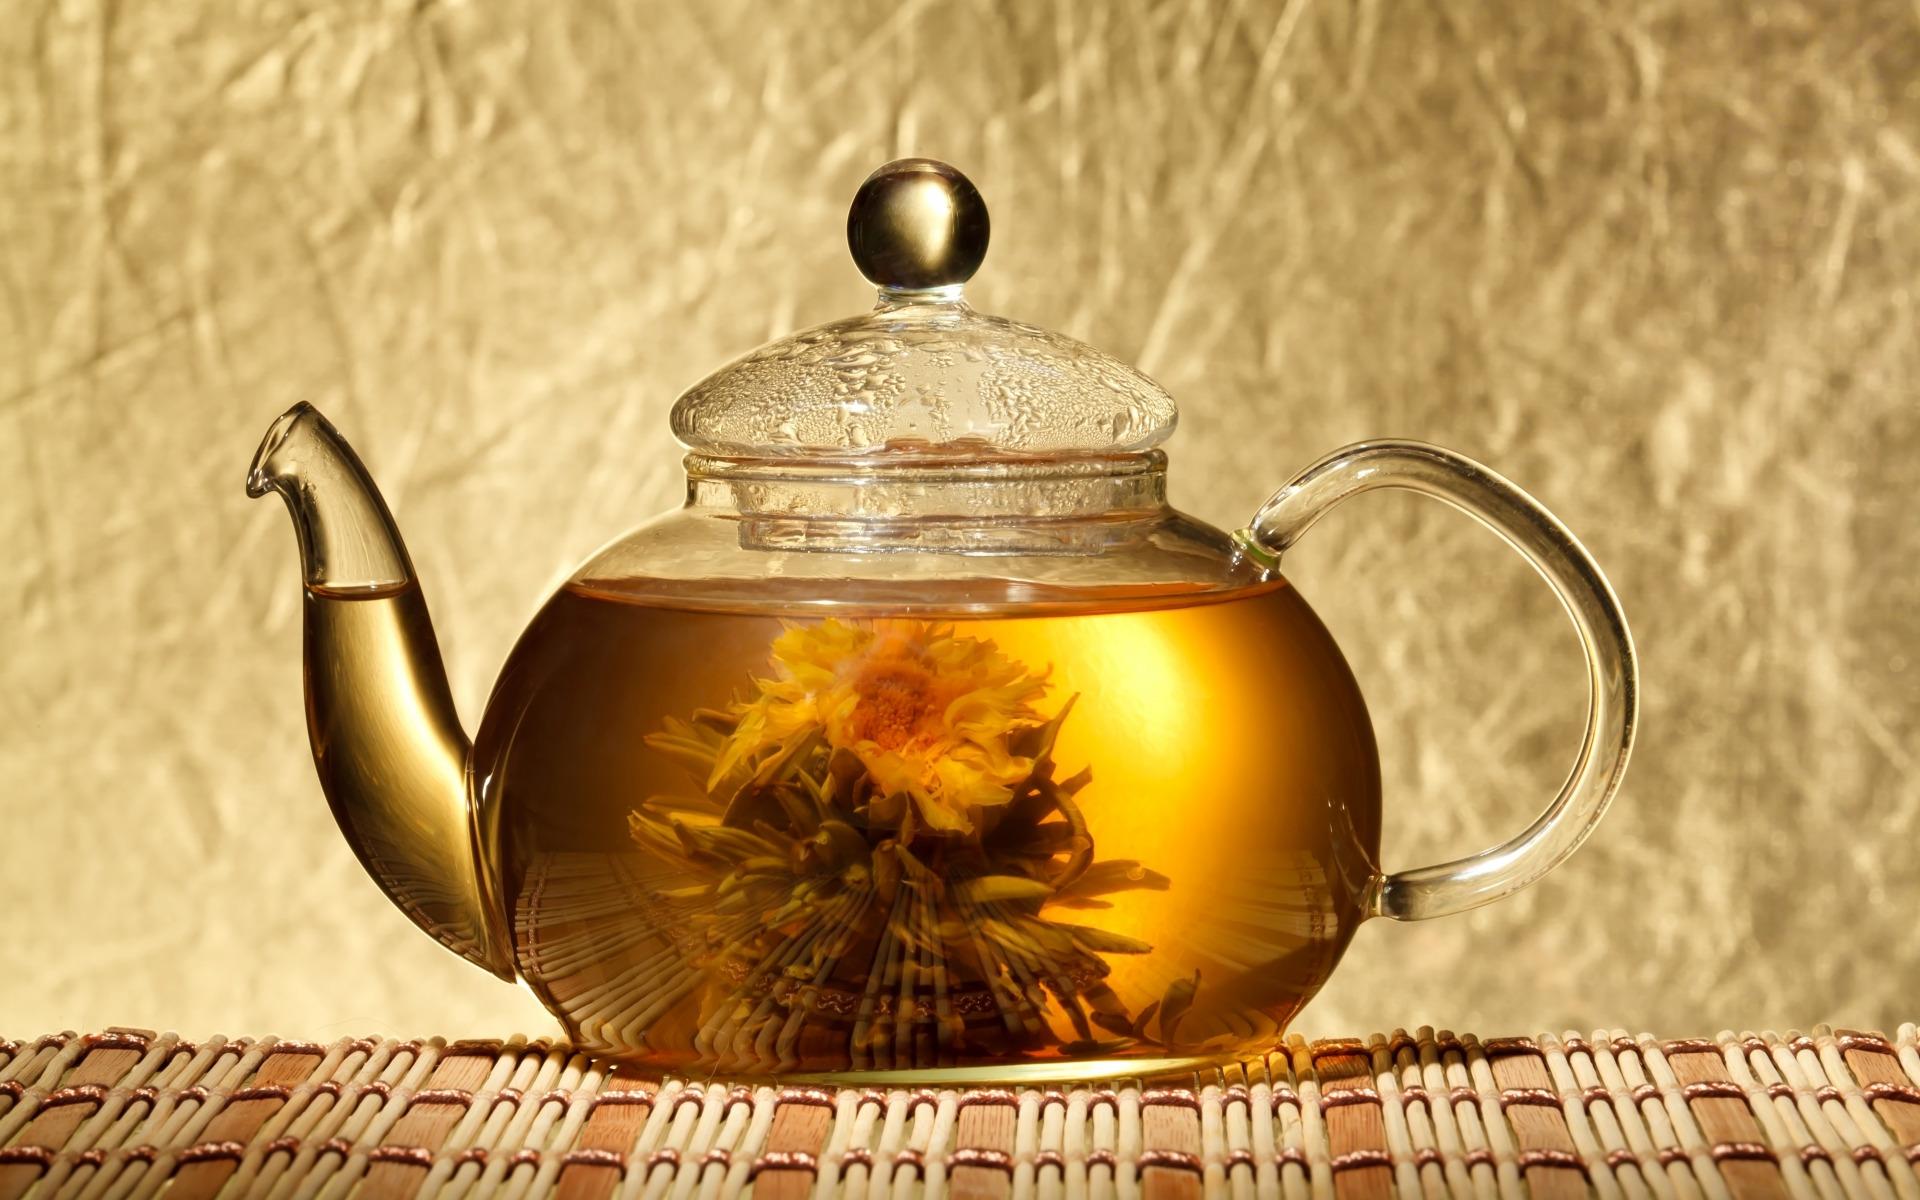 фото картинки зеленого чая в чайнике роль может